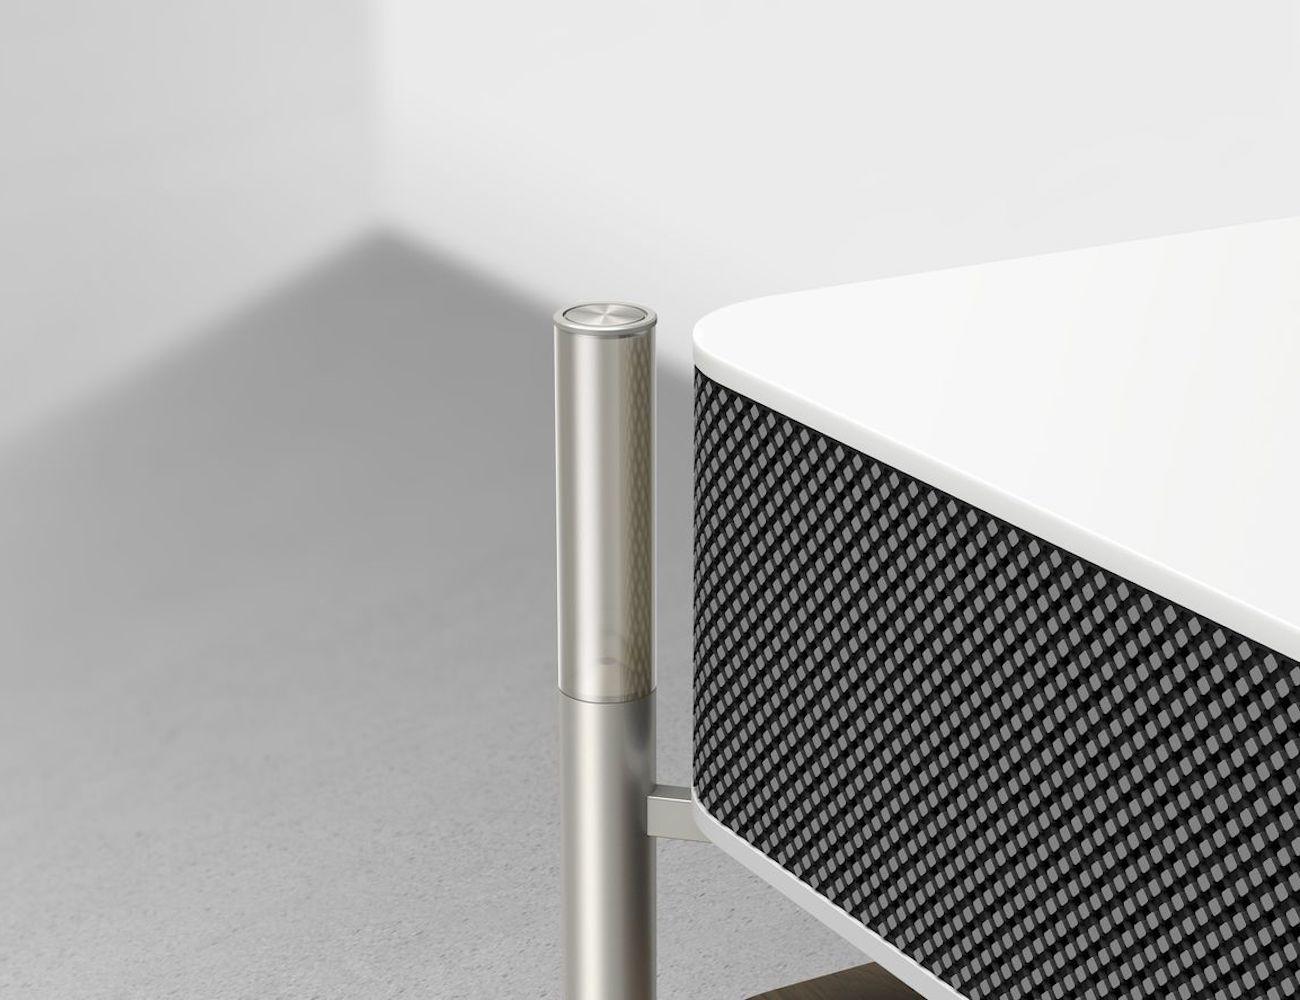 Sony 4K Ultra Short Throw Laser Projector